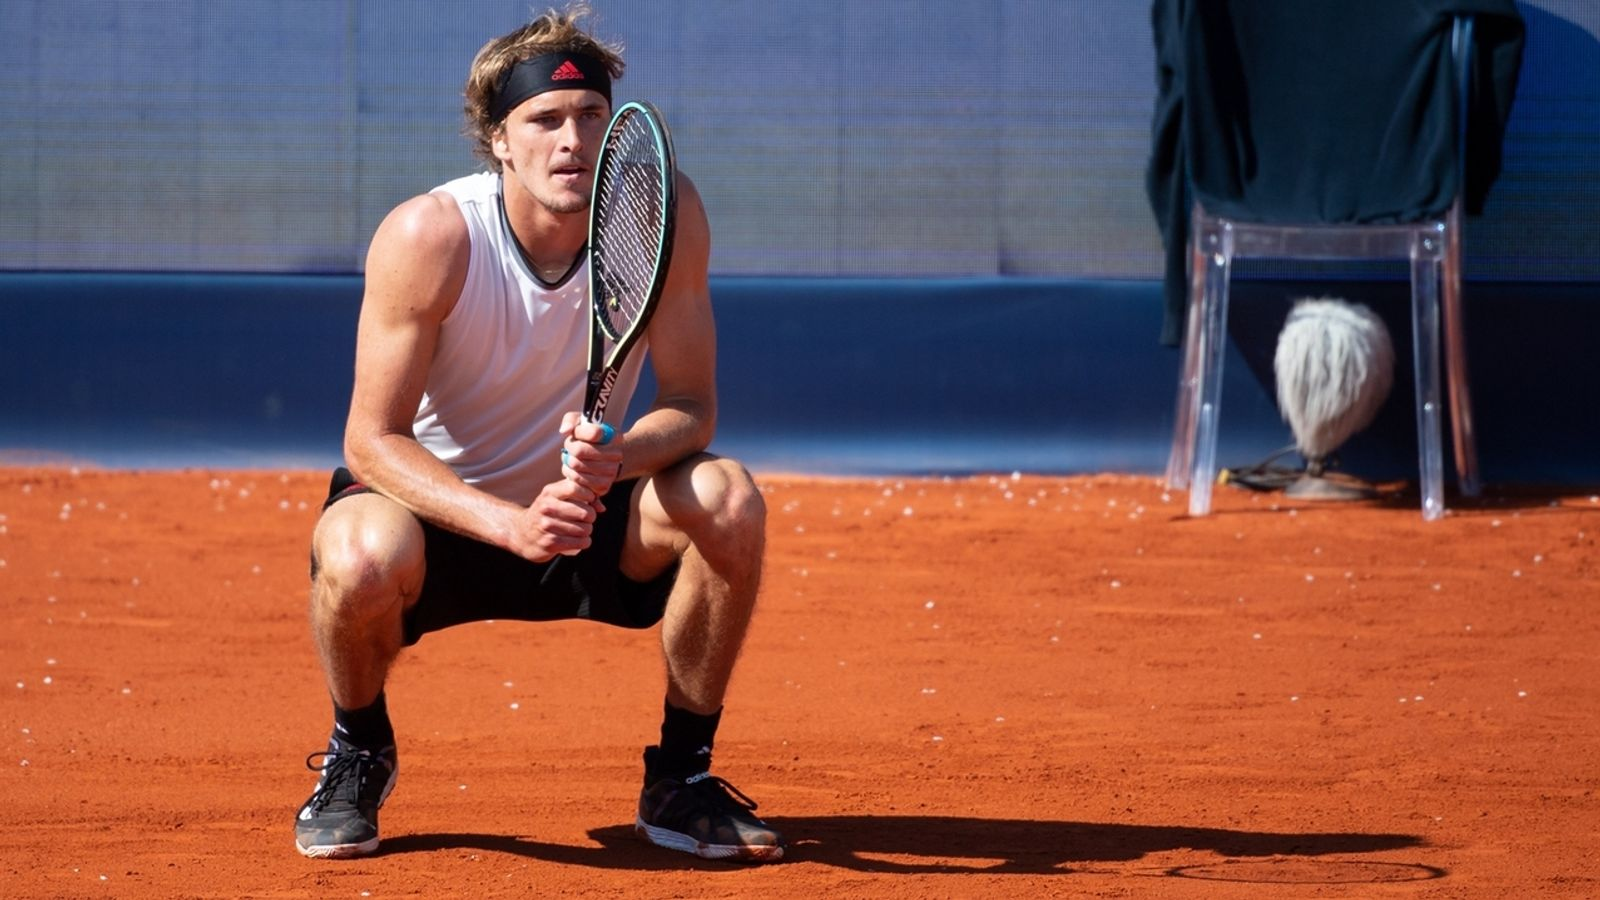 Munich ATP Tournament: Zverev's exit, Struve's final hopes for DTB